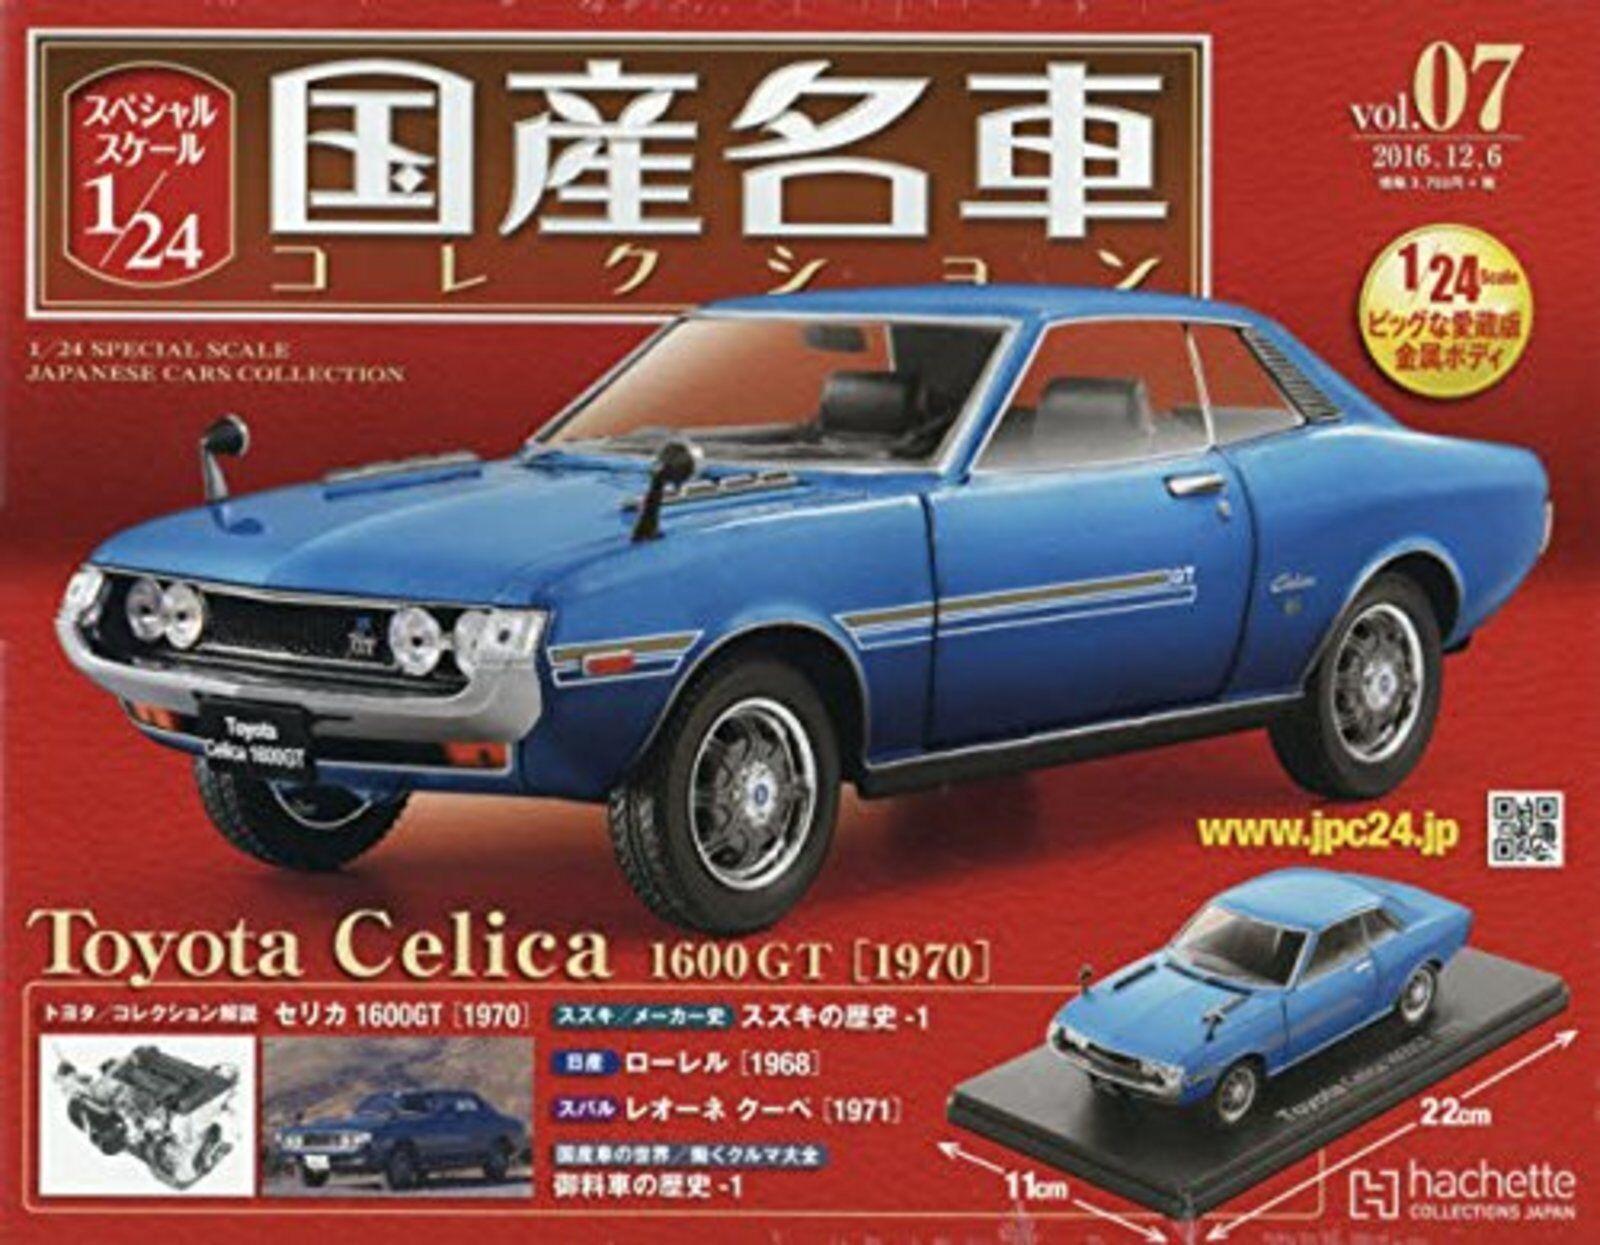 1 24 Spécial Echelle Japonais Voitures Collection Vol.07 Toyota Celica 1600gt